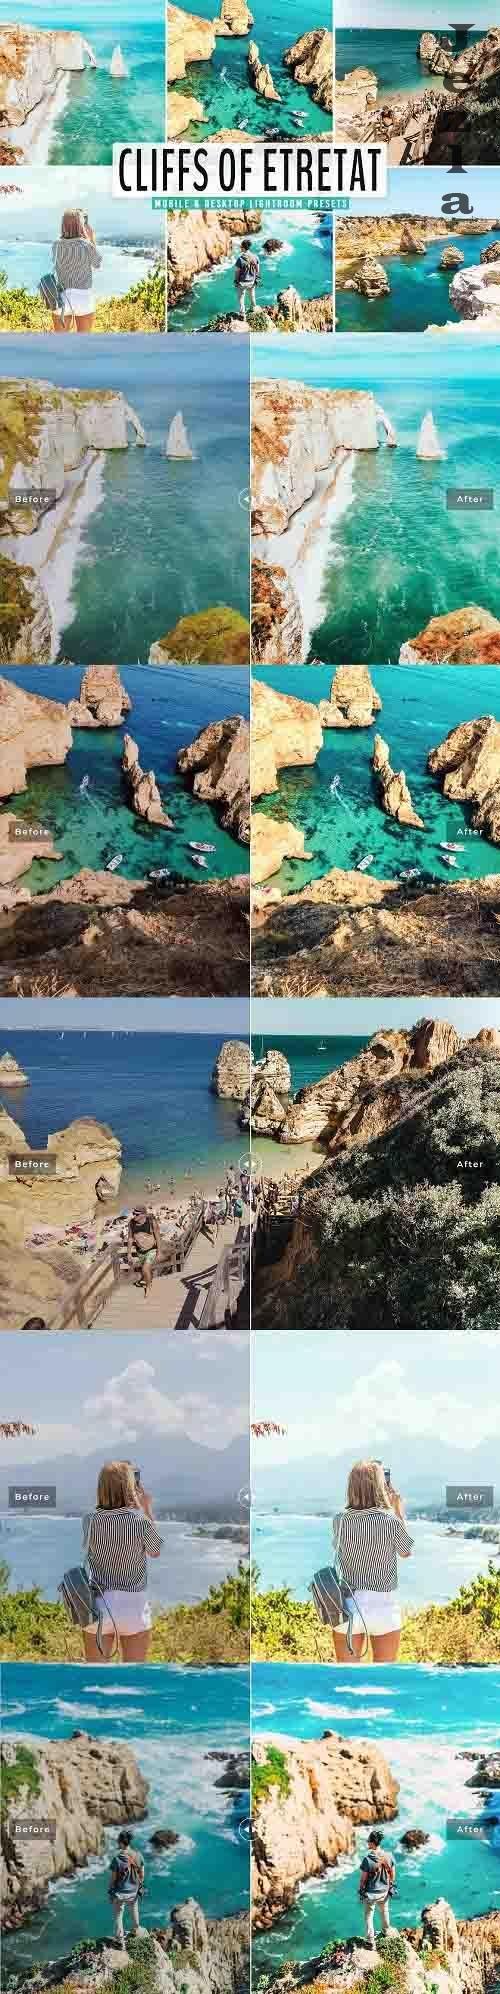 Cliffs of Etretat Lightroom Presets - 5666378 - Mobile & Desktop